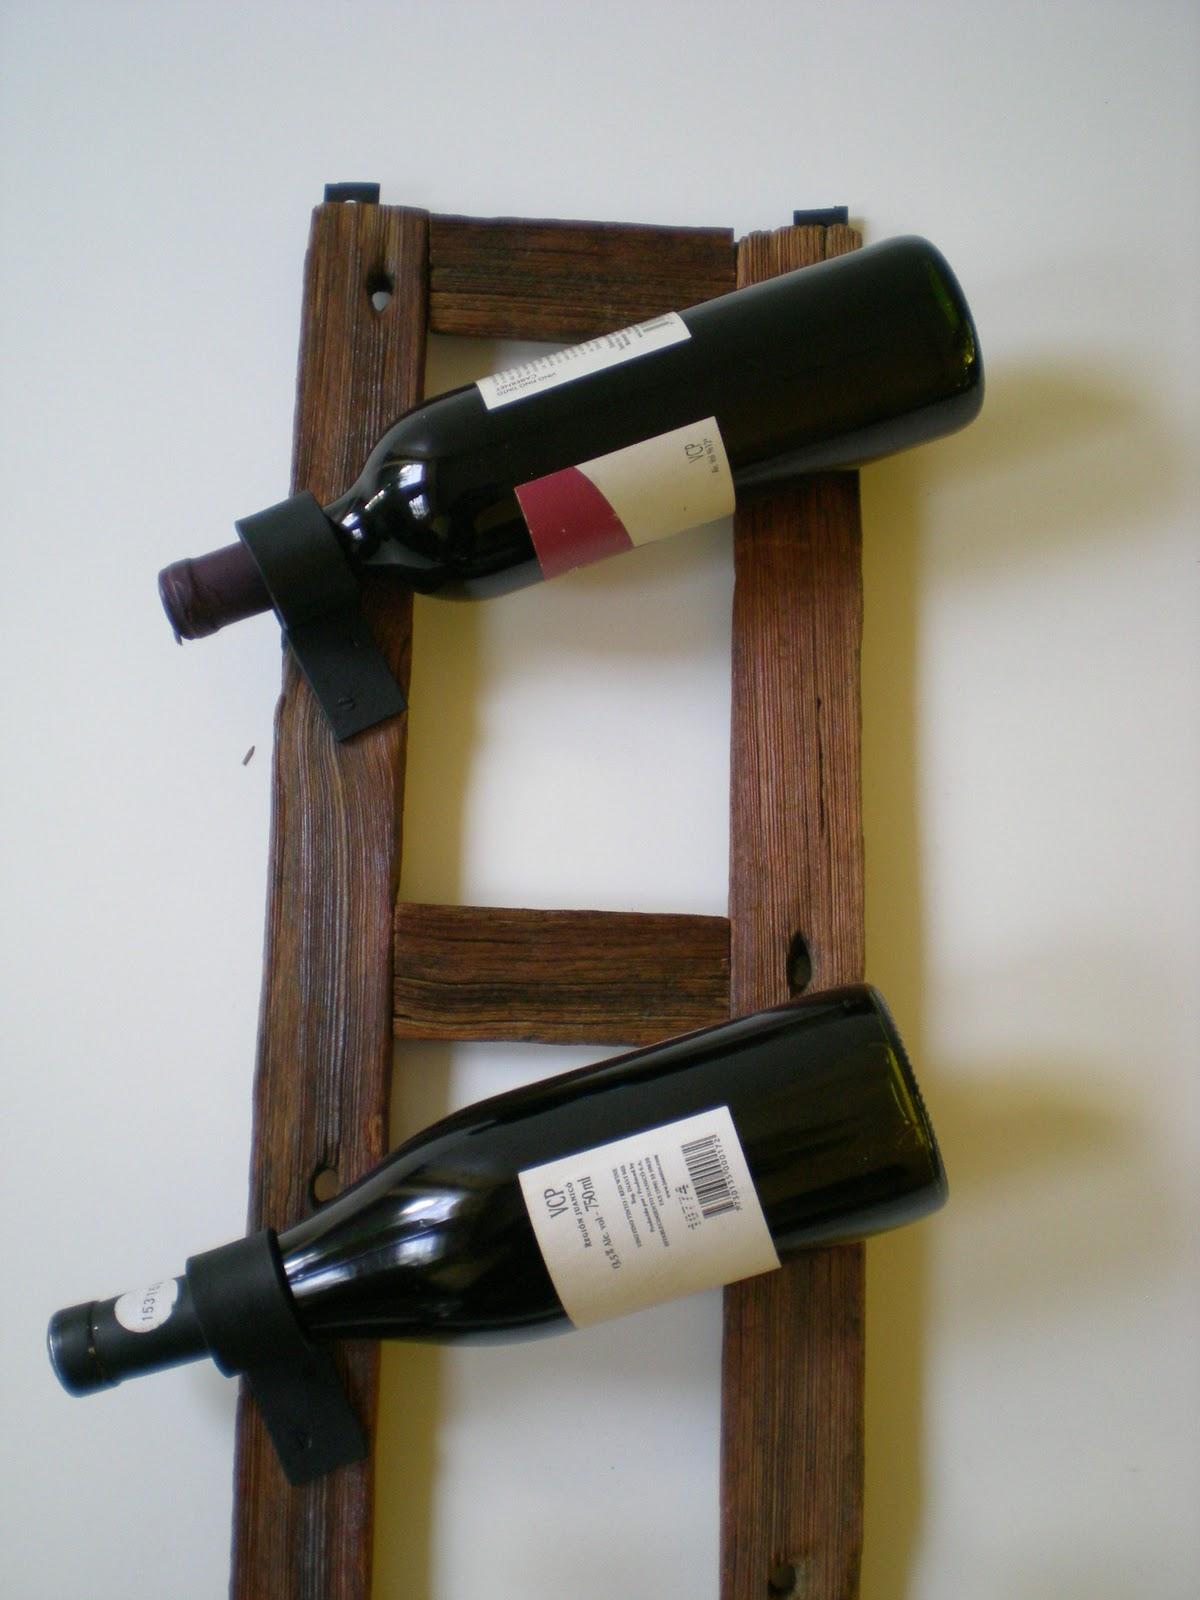 El fog n artesan as en madera r stica y hierro uruguay - Botelleros de madera rusticos ...